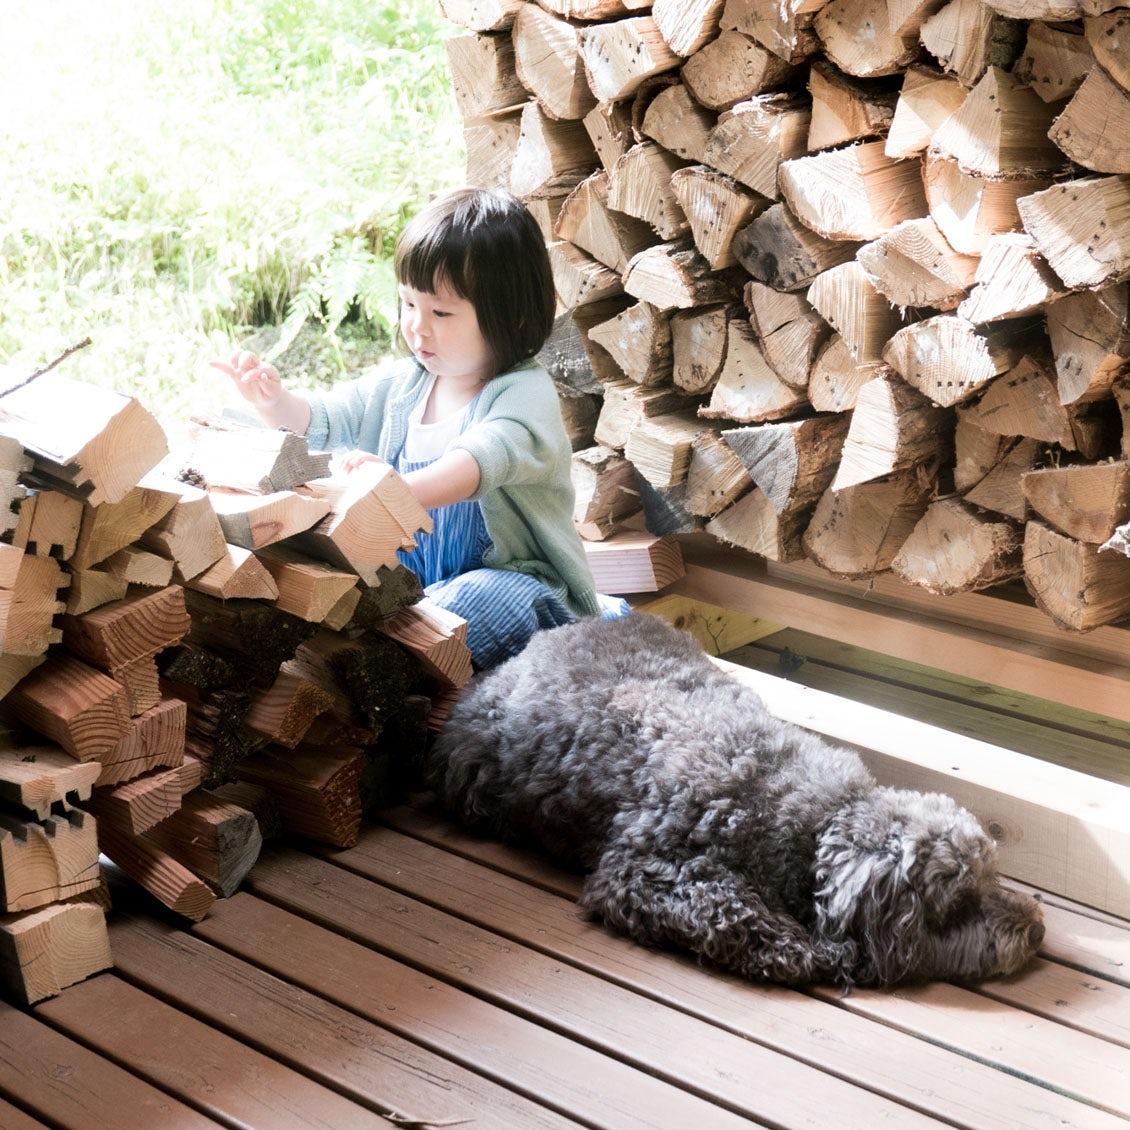 【うちのイヌ、うちのネコ】娘さんと犬のやりとりが微笑ましい。写真家・松元絵里子さんちの「ネル」